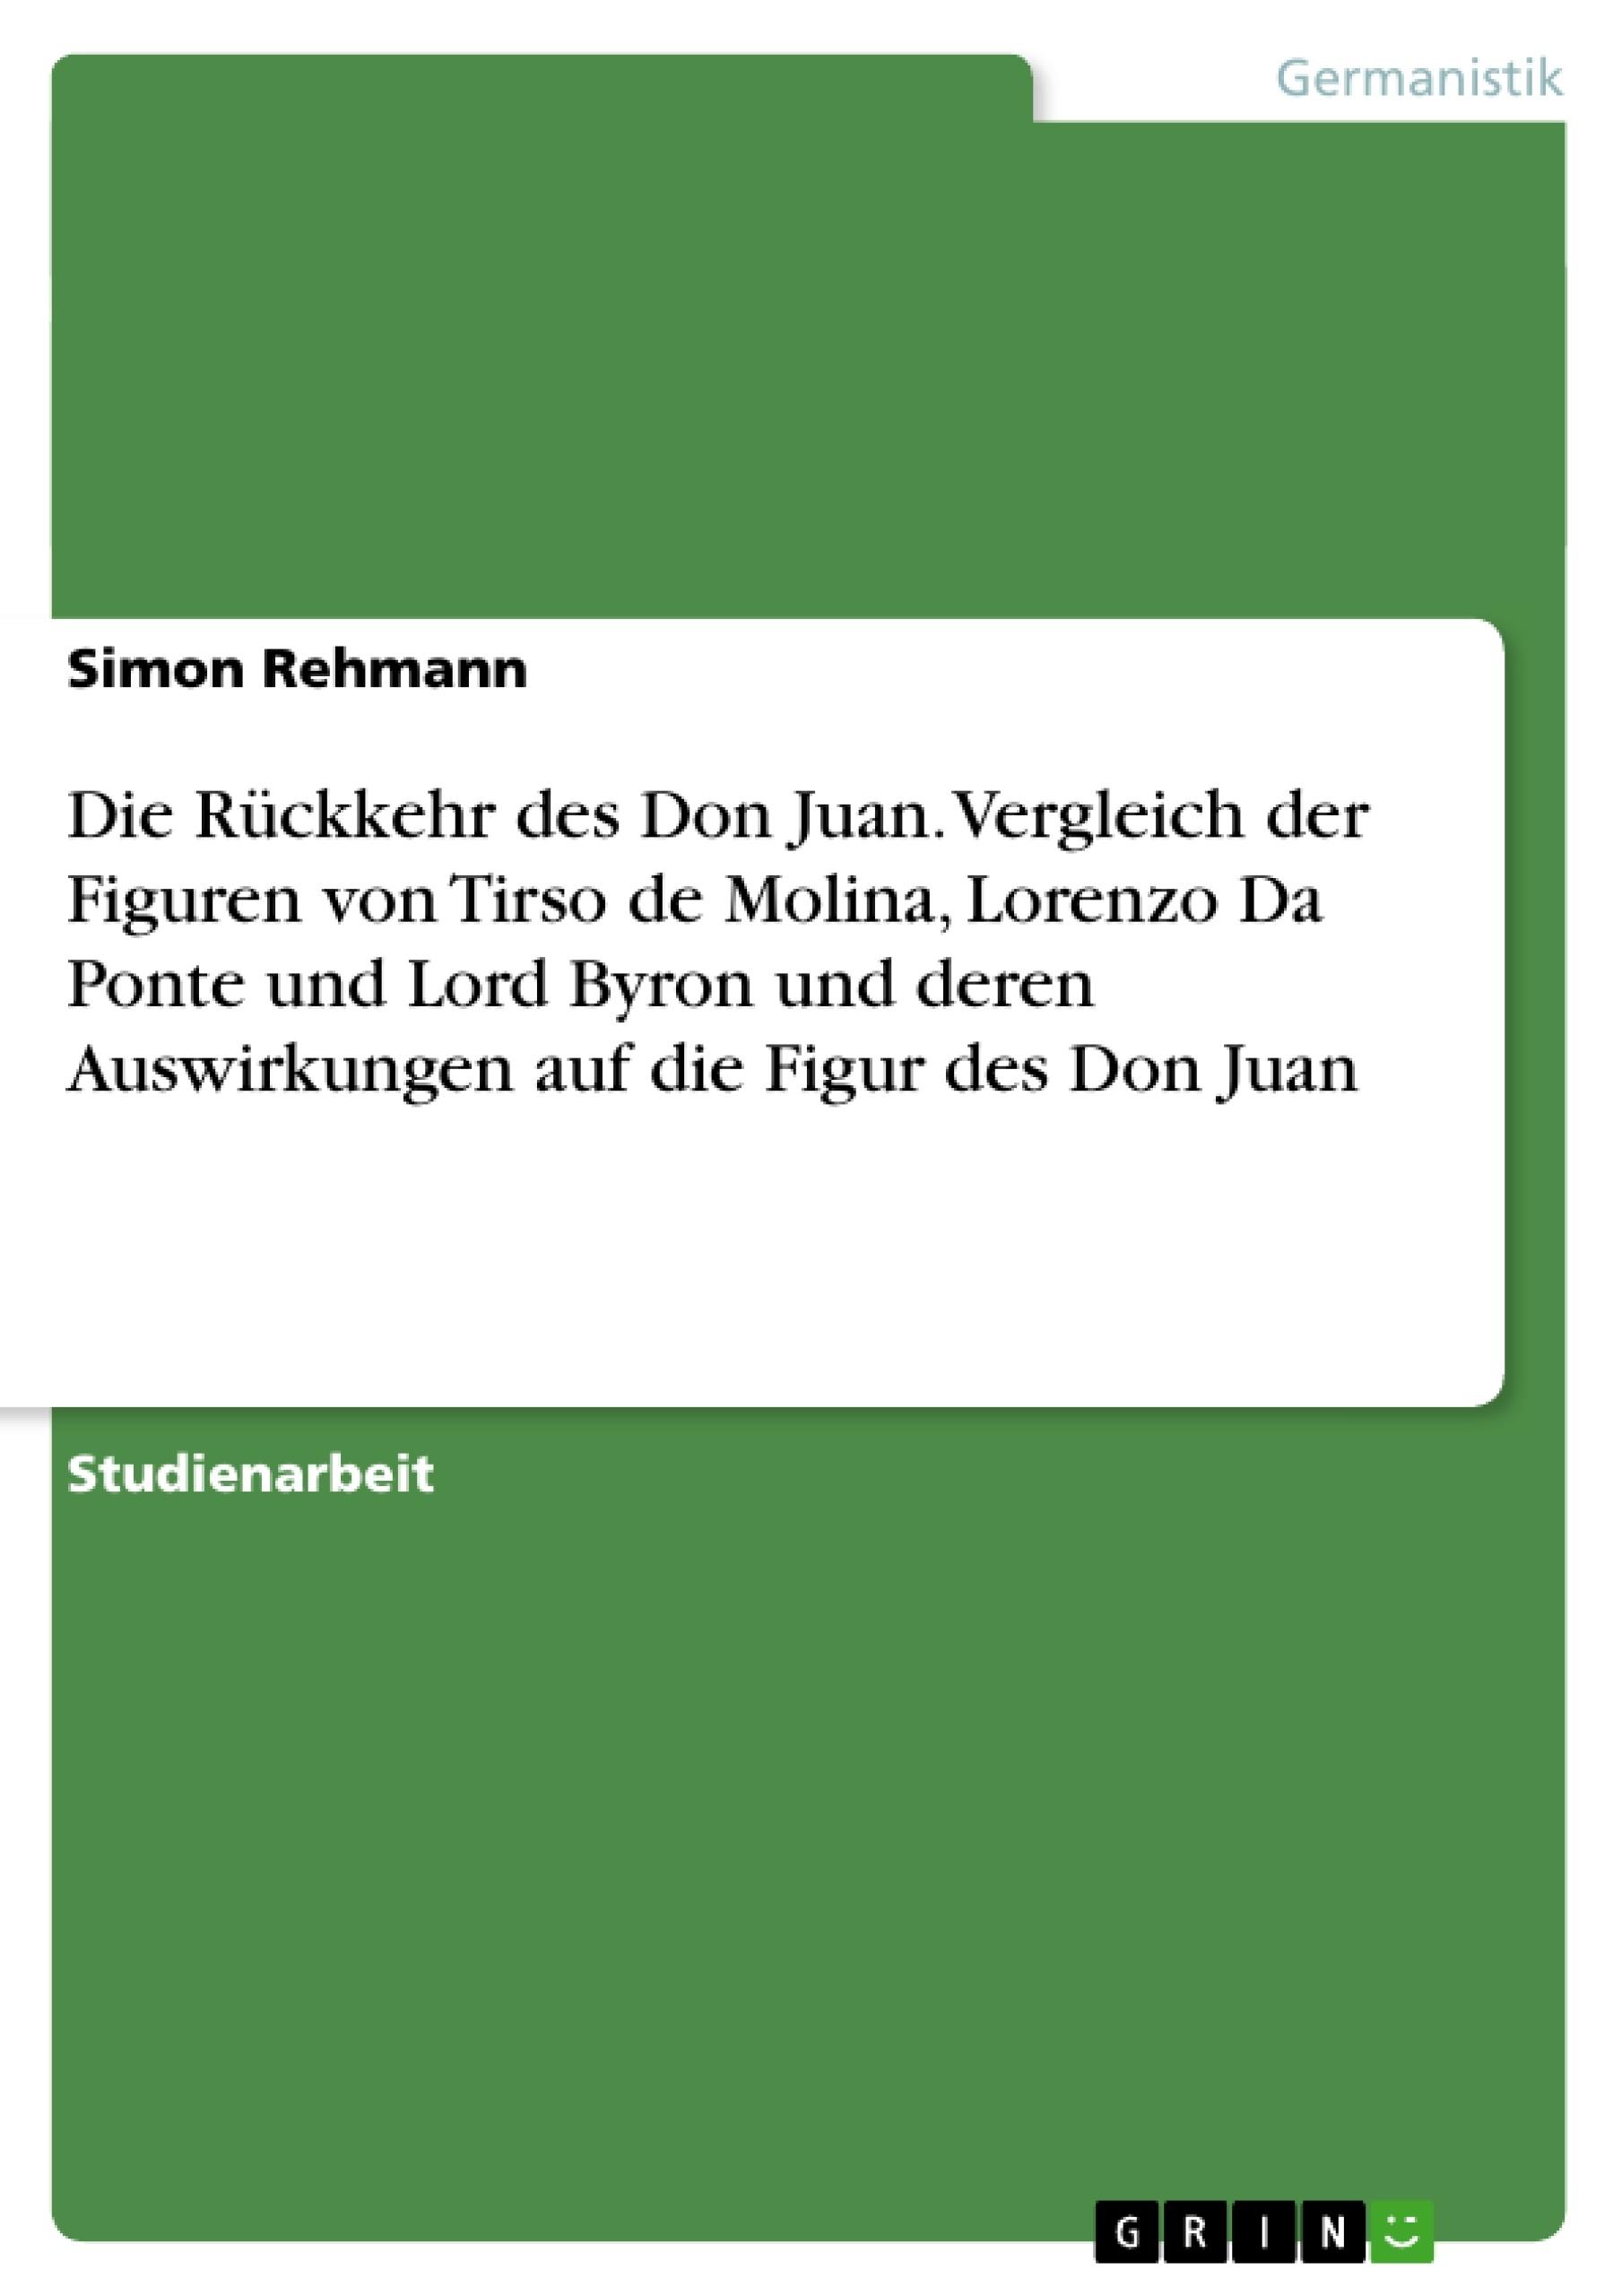 Titel: Die Rückkehr des Don Juan. Vergleich der Figuren von Tirso de Molina, Lorenzo Da Ponte und Lord Byron und deren Auswirkungen auf die Figur des Don Juan